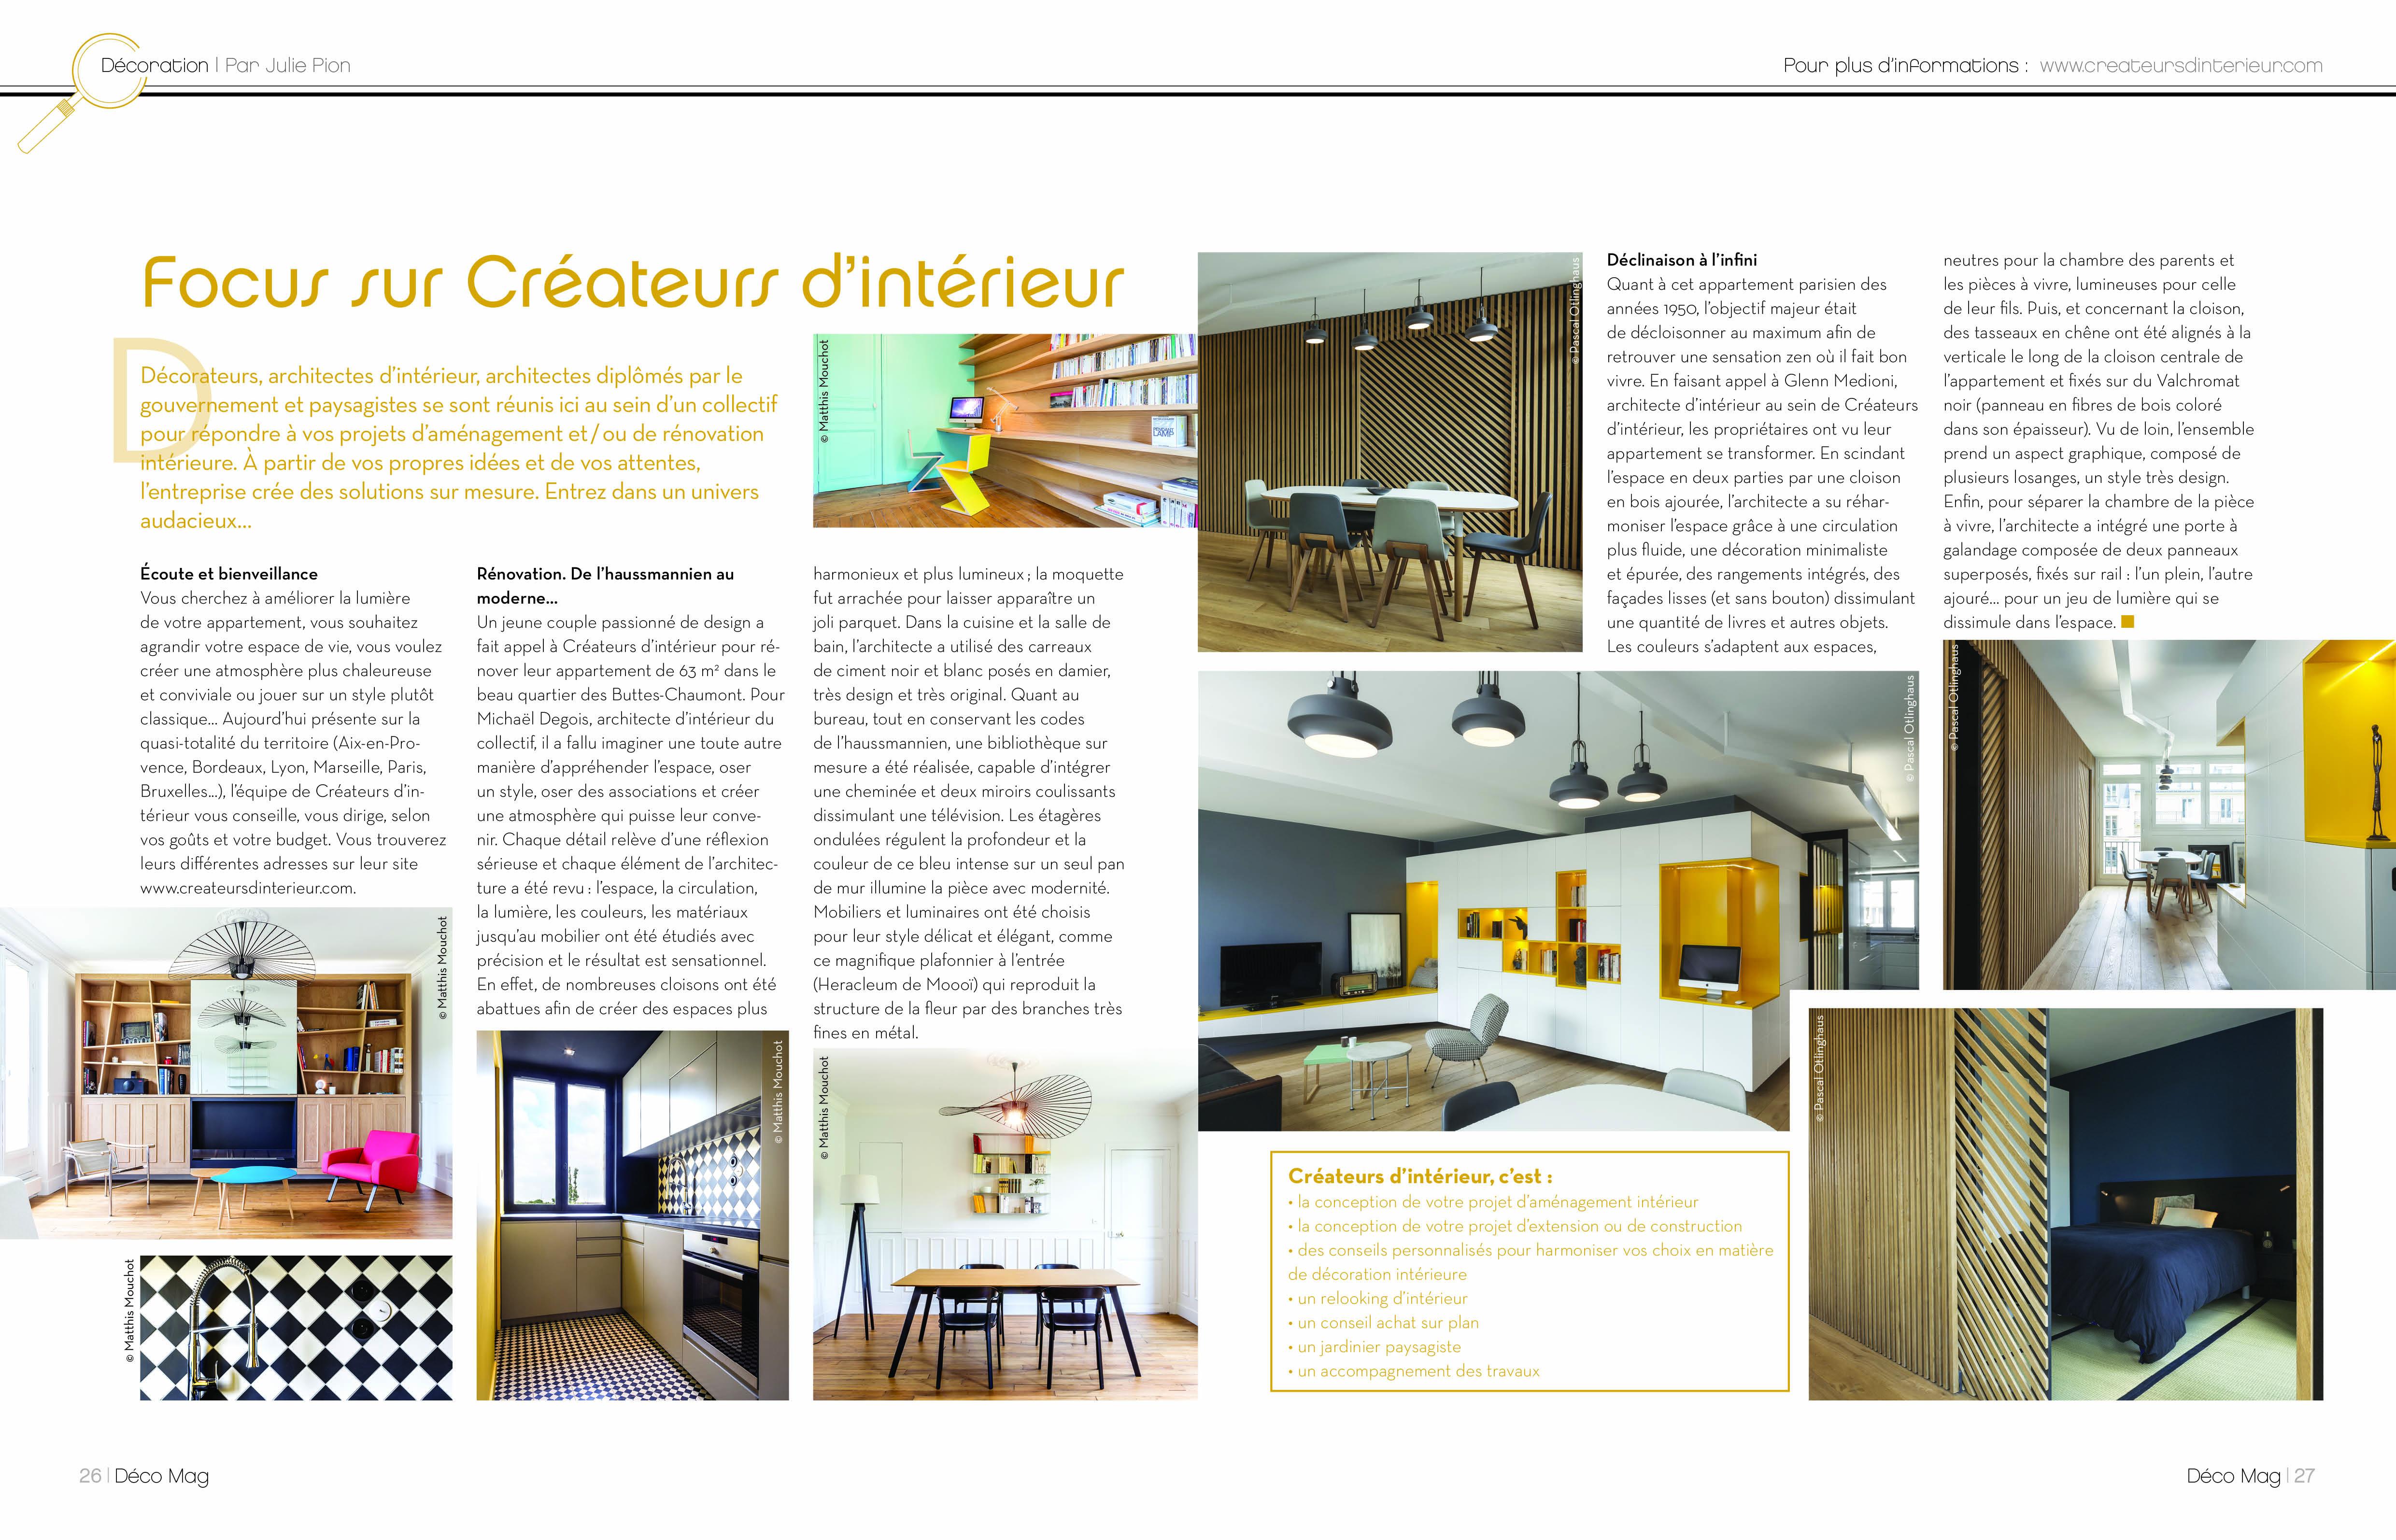 Architecte D Intérieur En Belgique les magazines de décoration évoquent les réalisations d'un